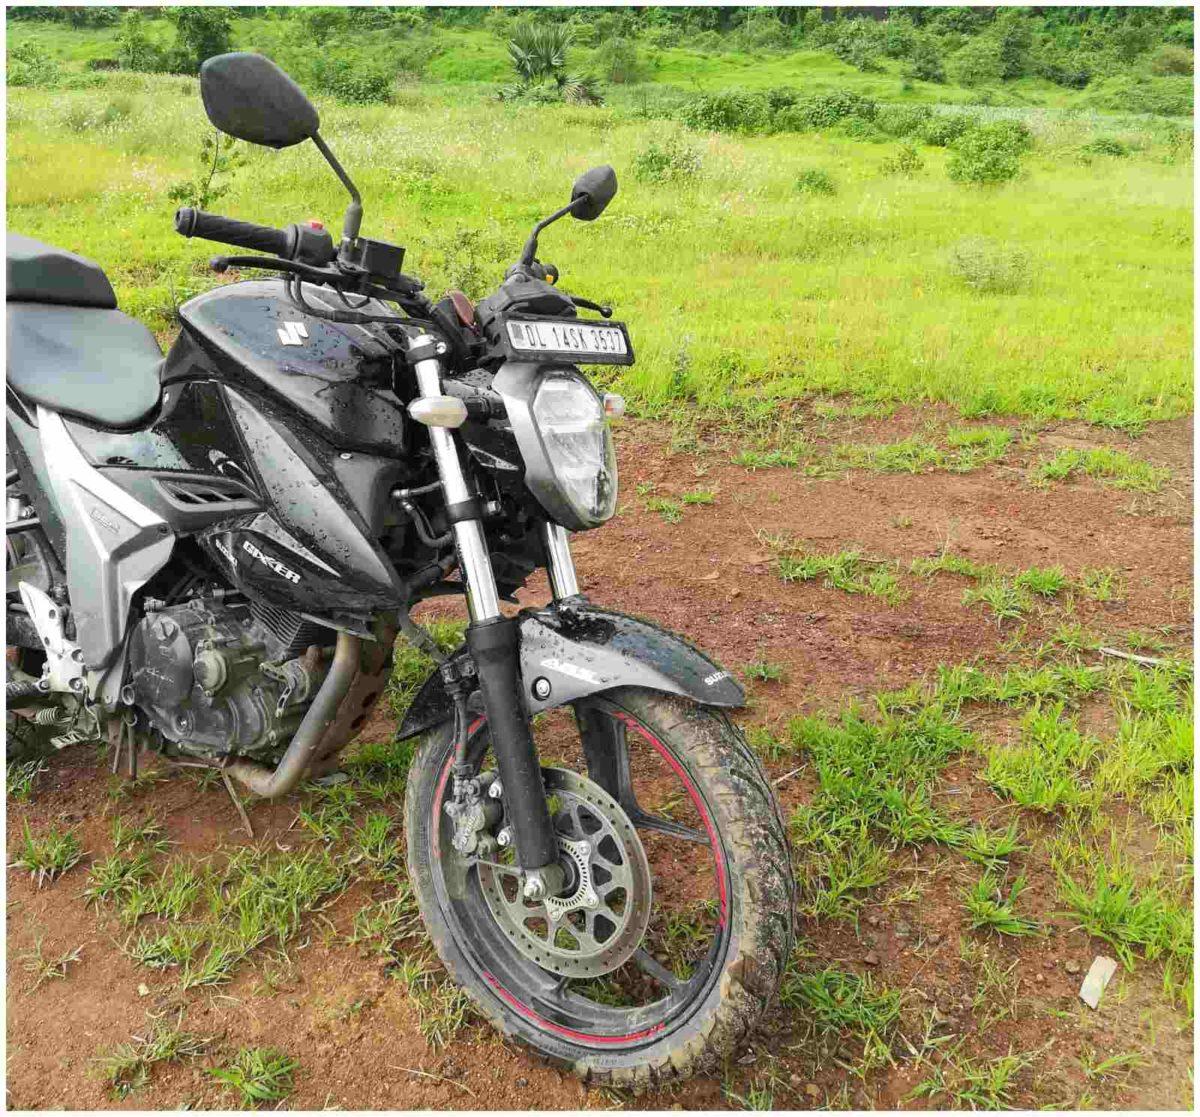 Suzuki Gixxer 155 5